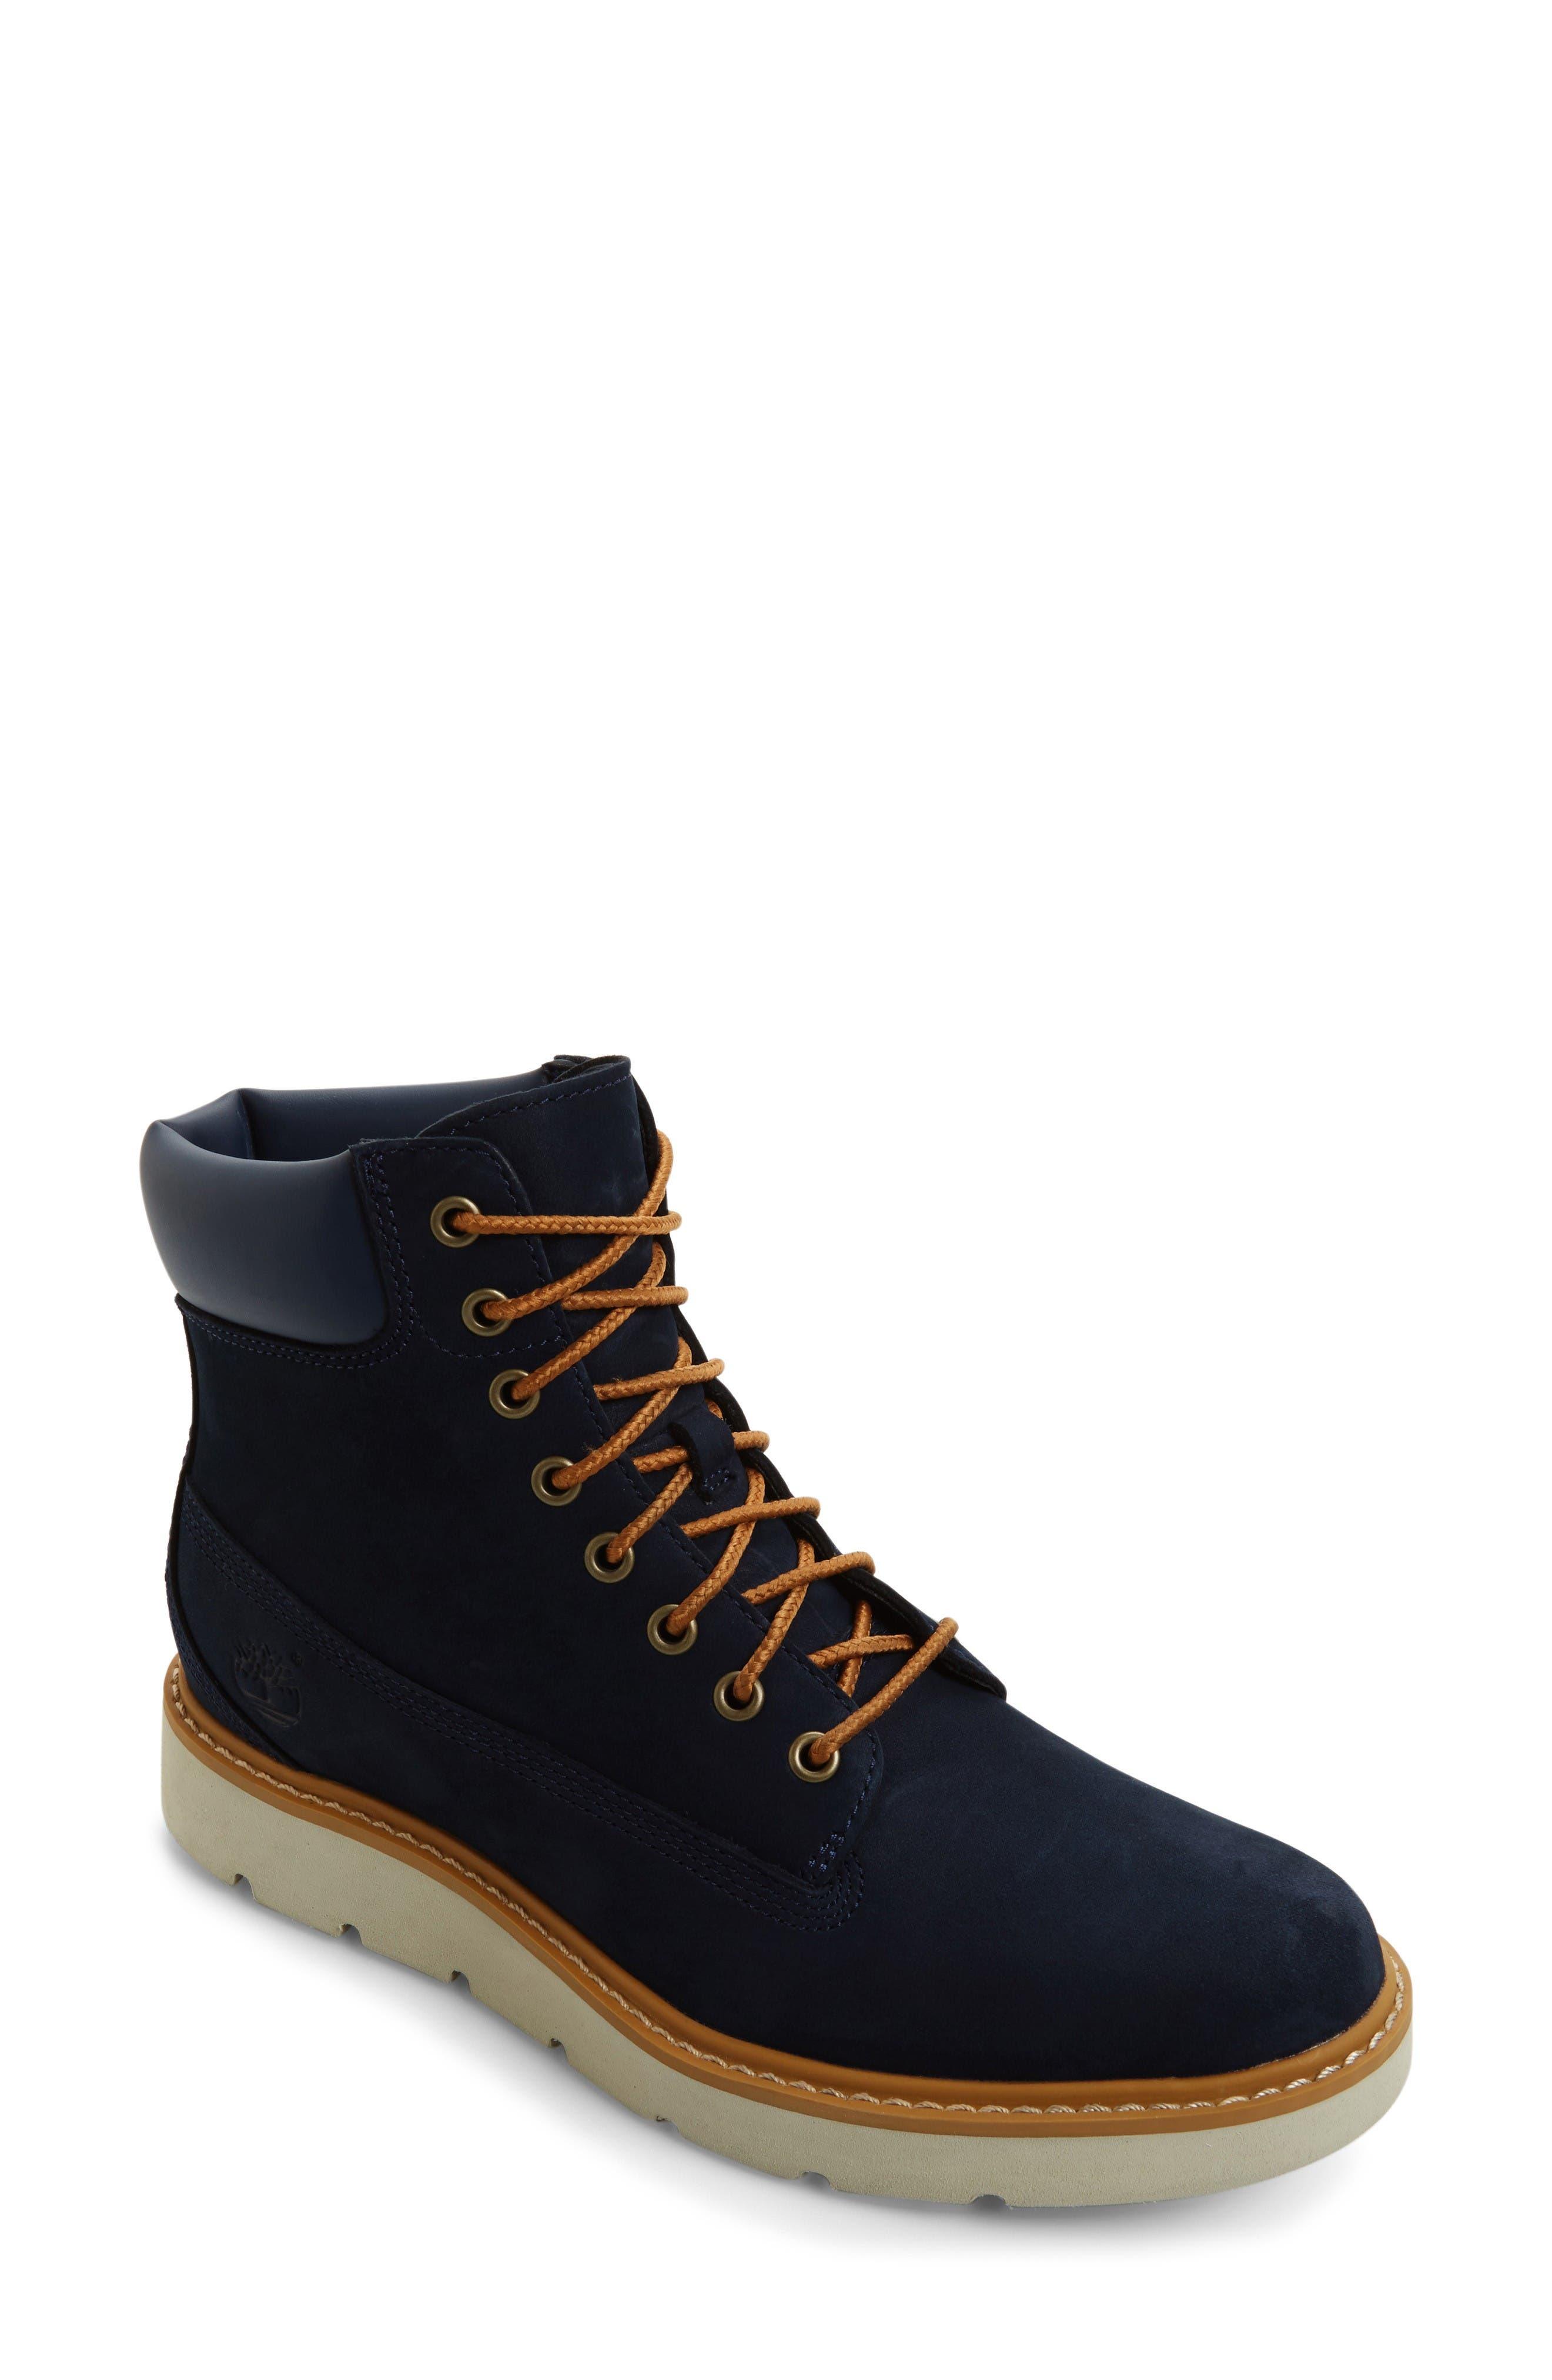 Main Image - Timberland 'Kenniston' Lace-Up Boot (Women)